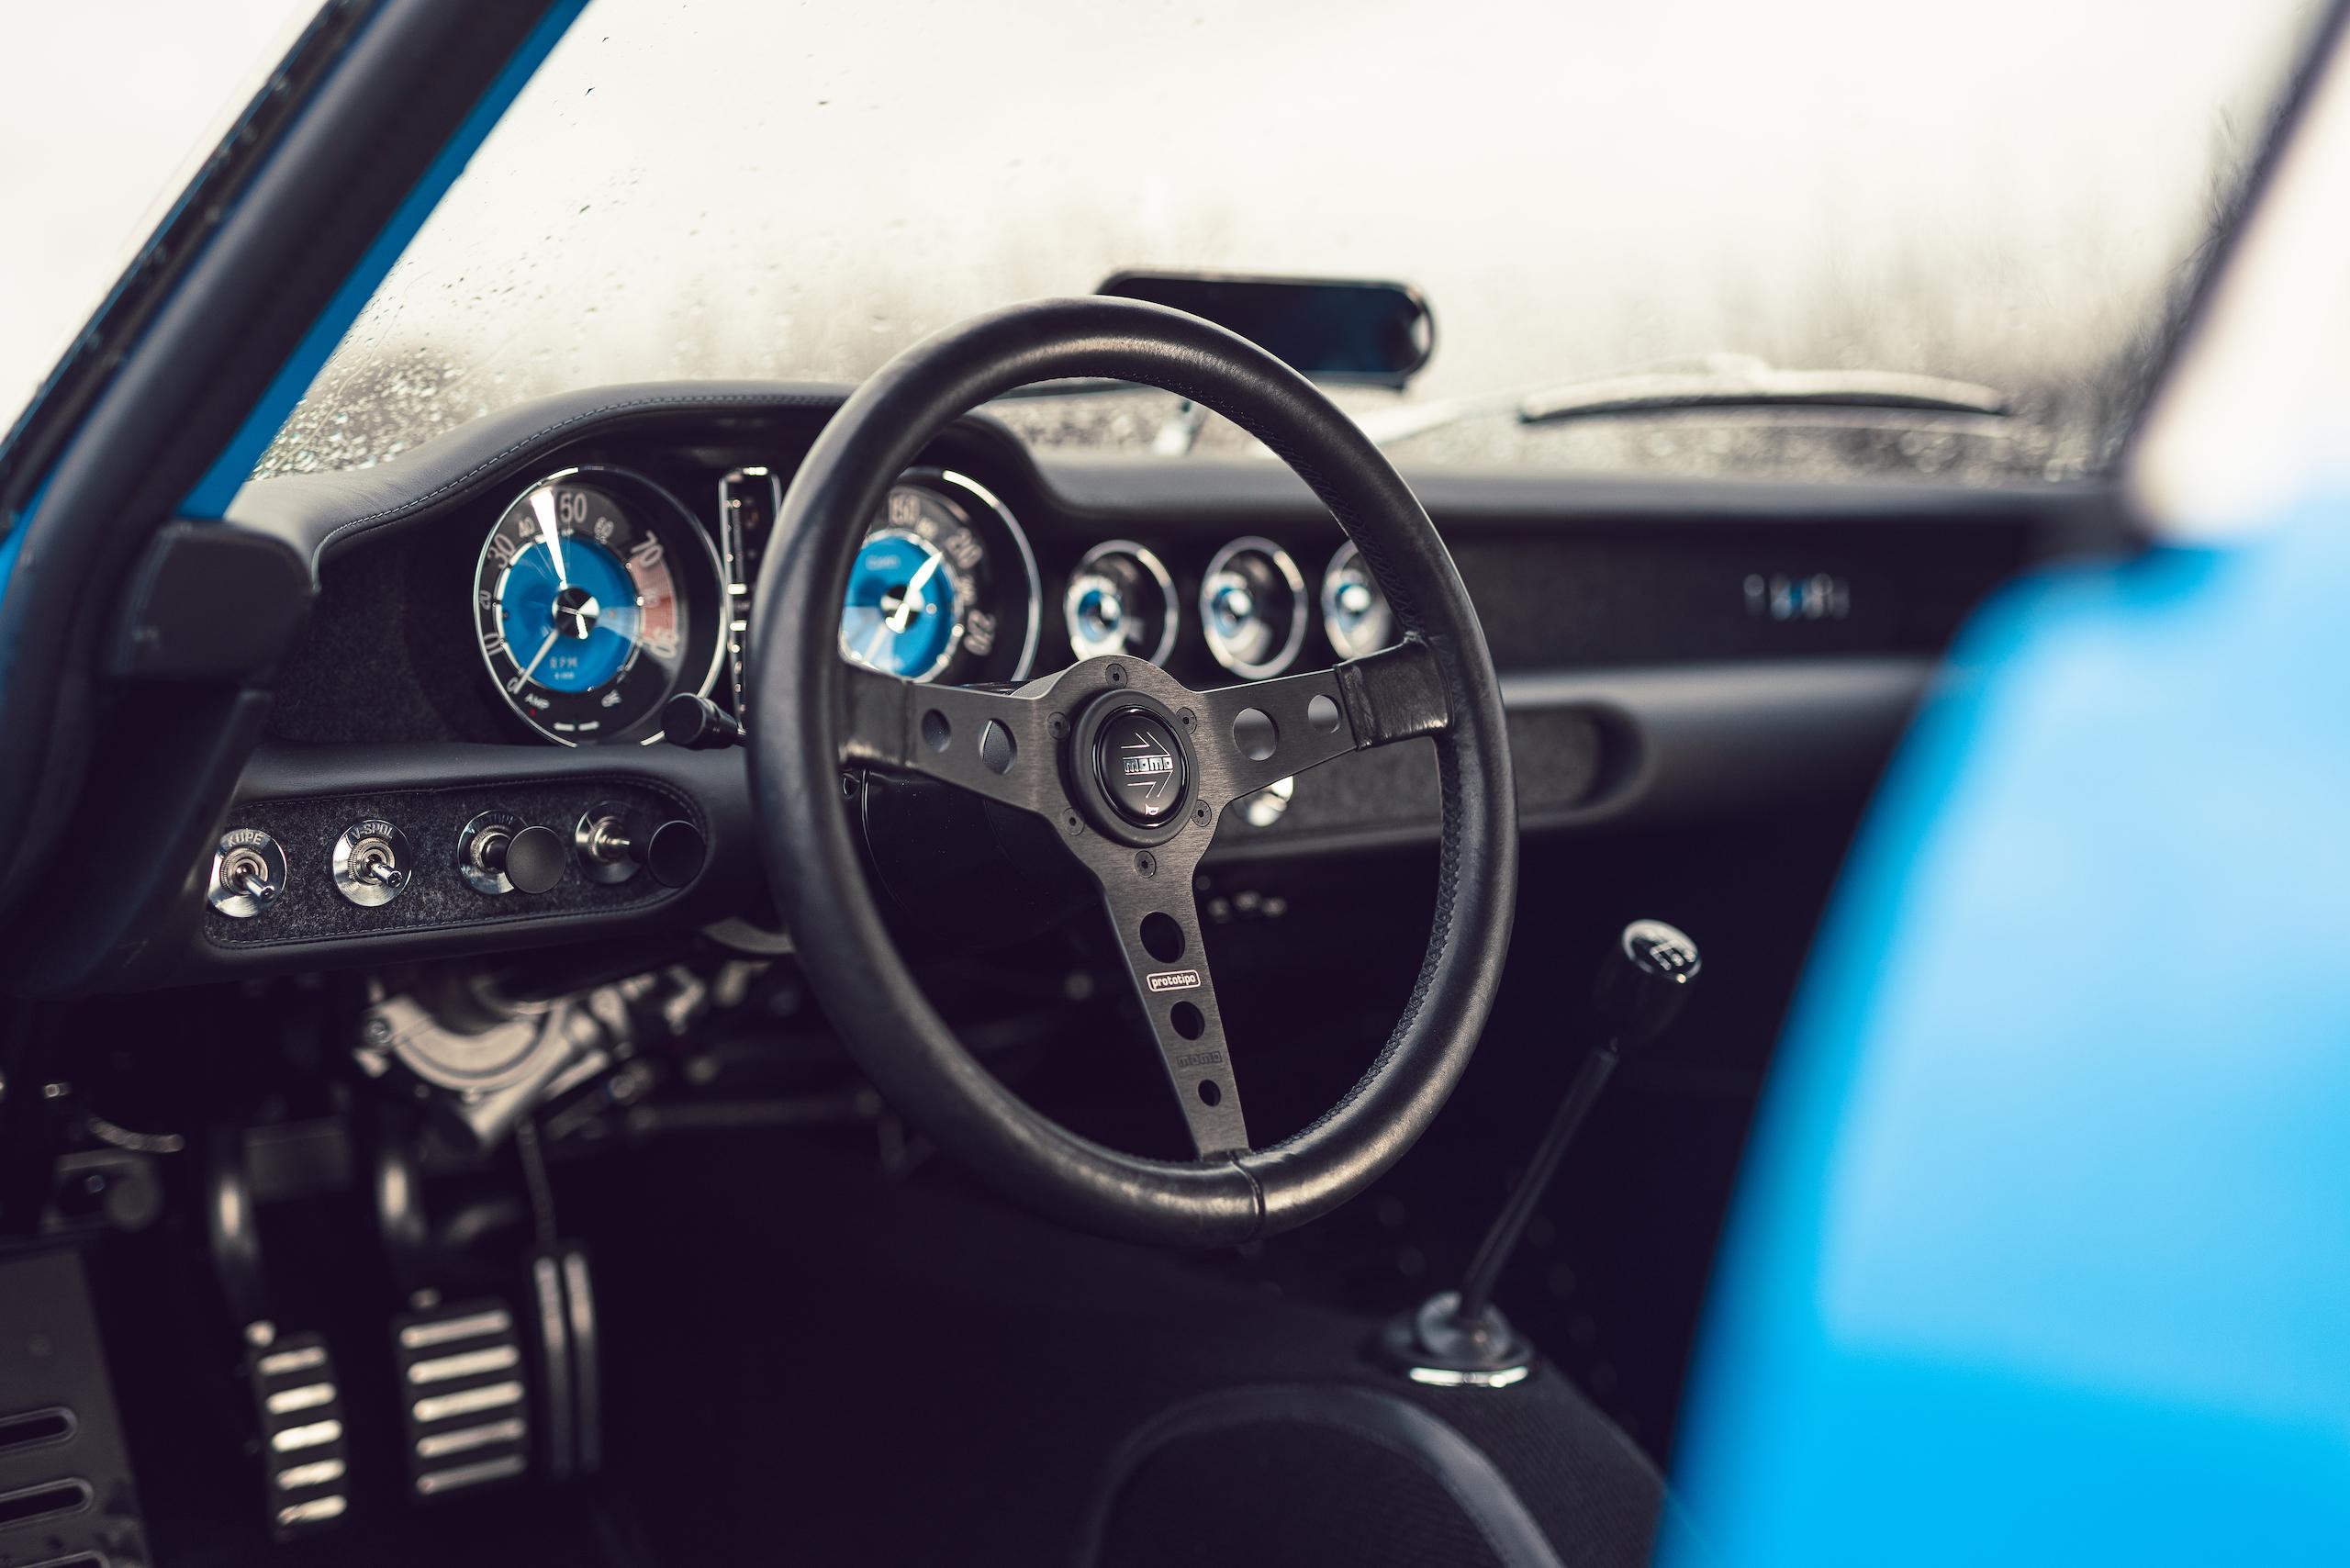 CYAN RACING P1800 steering wheel detail